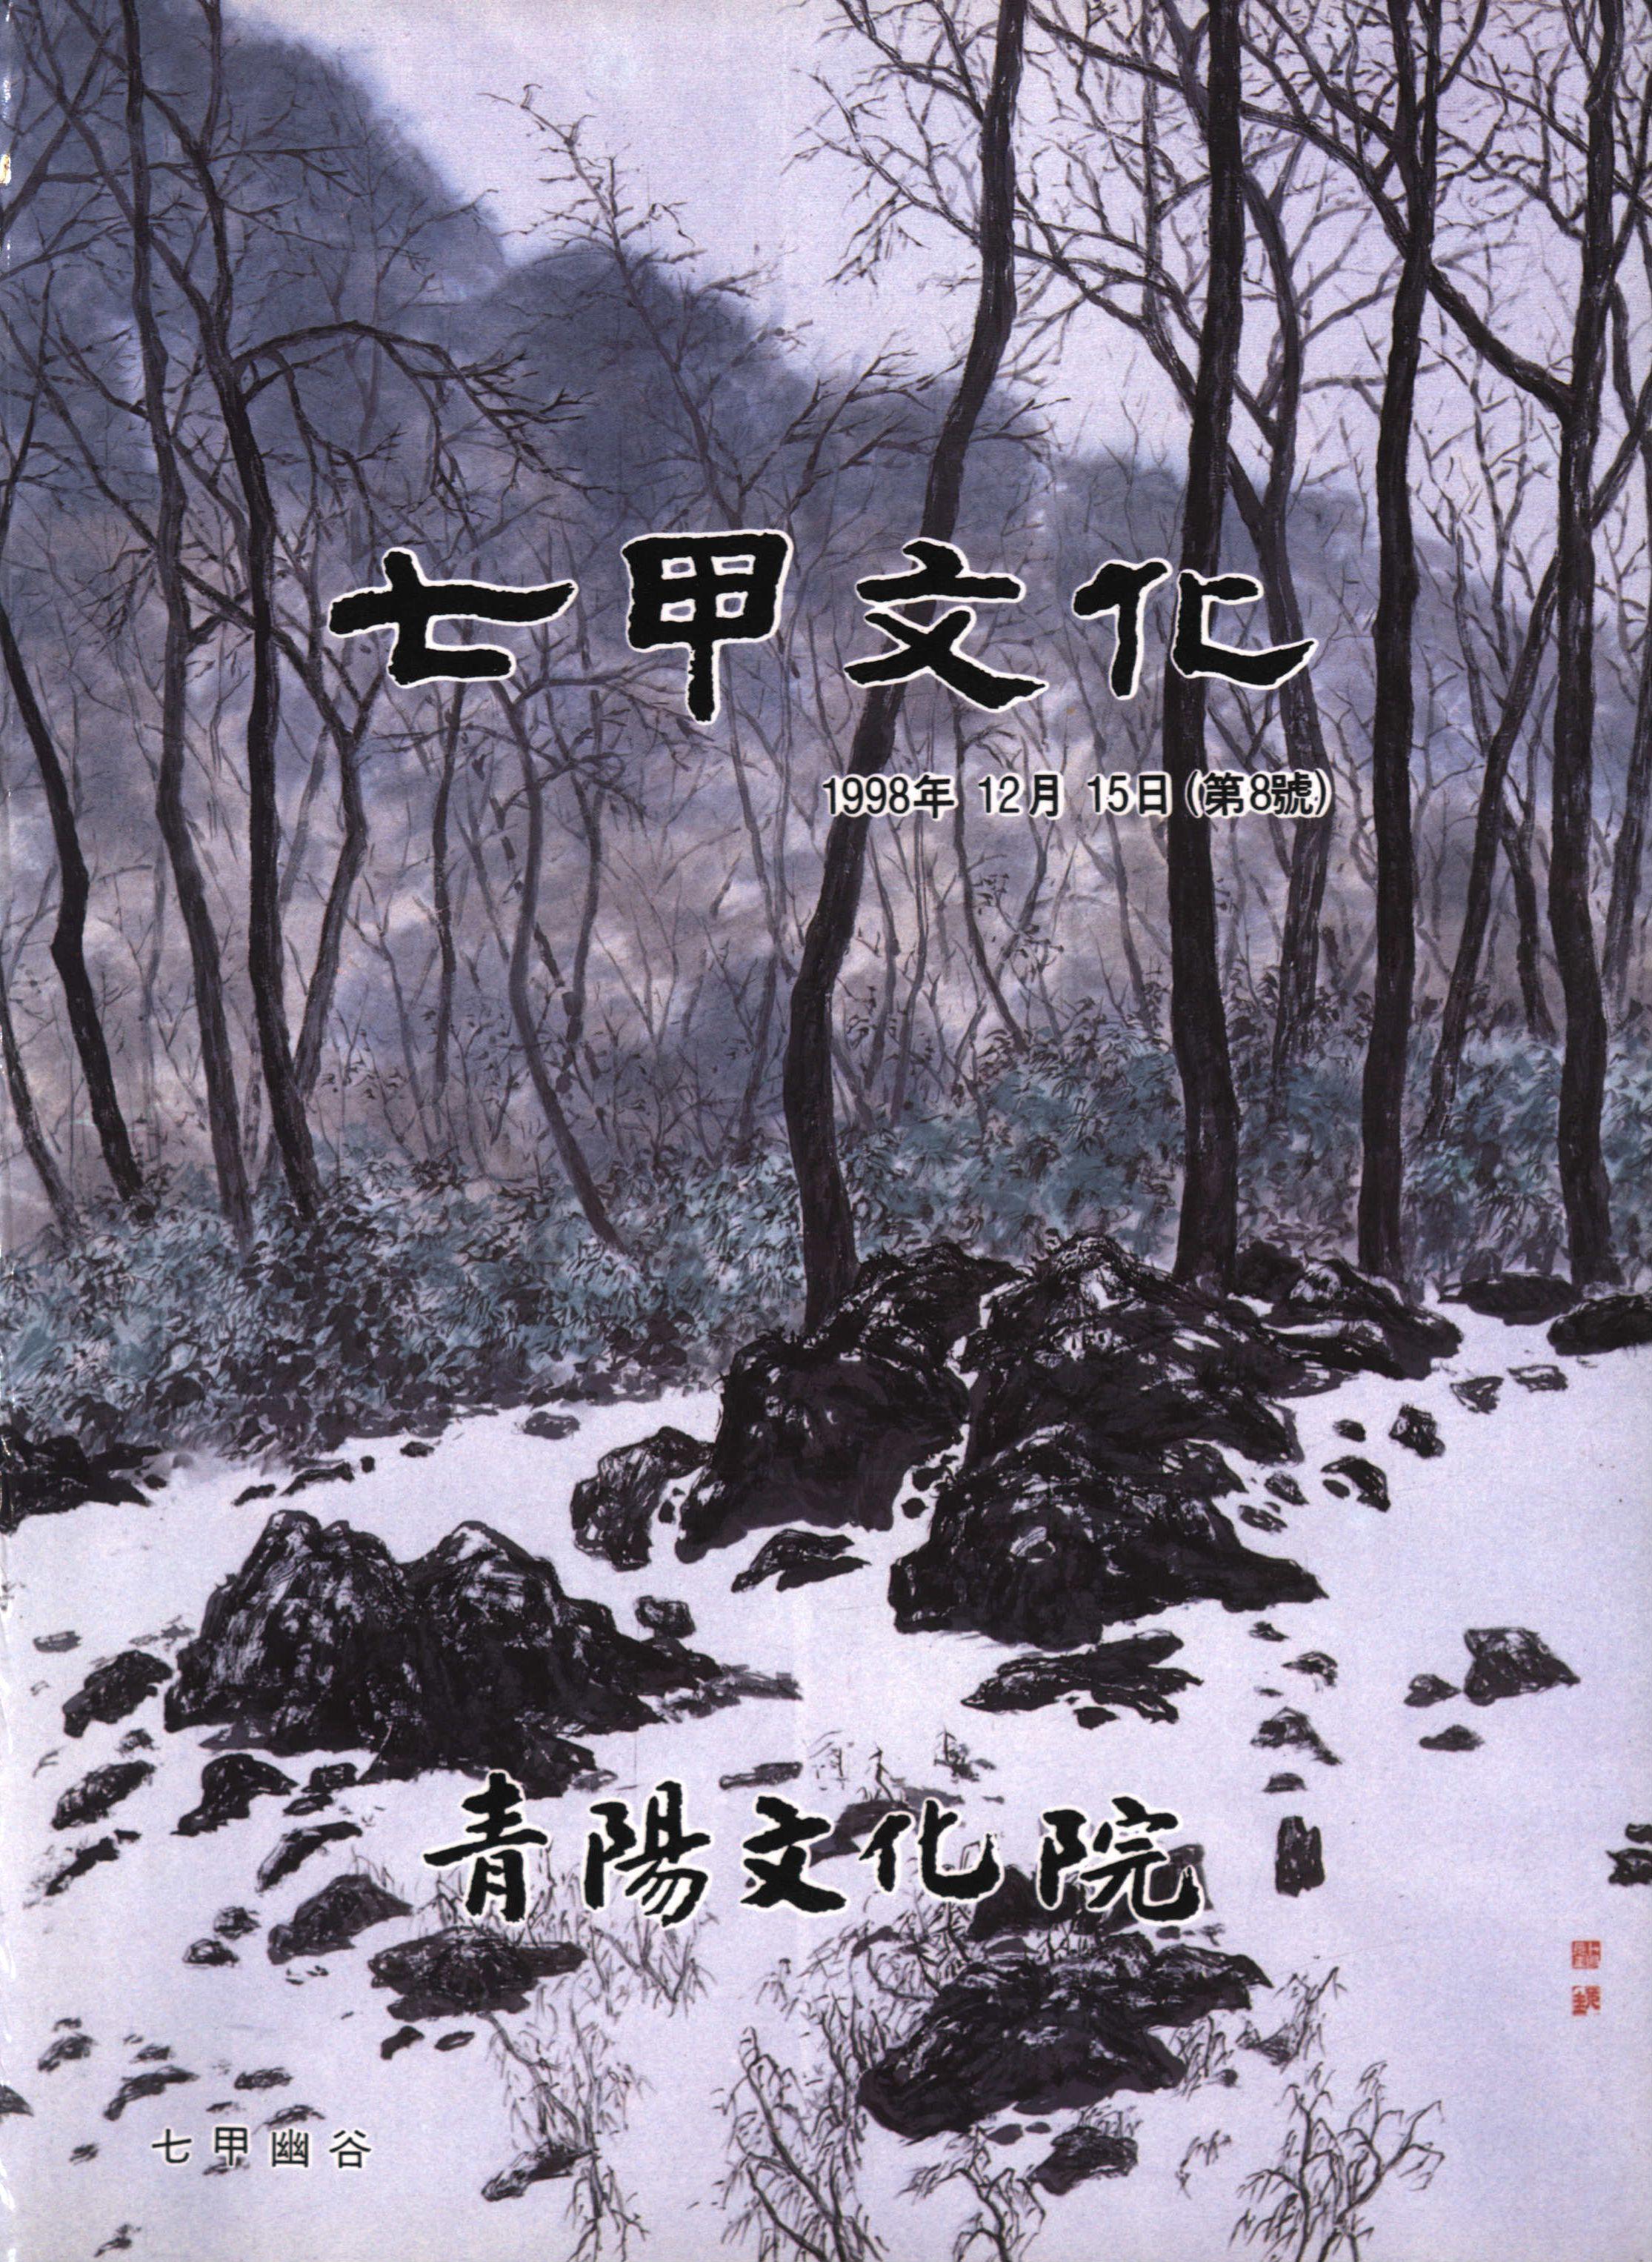 七甲文化 (칠갑문화) 제8호